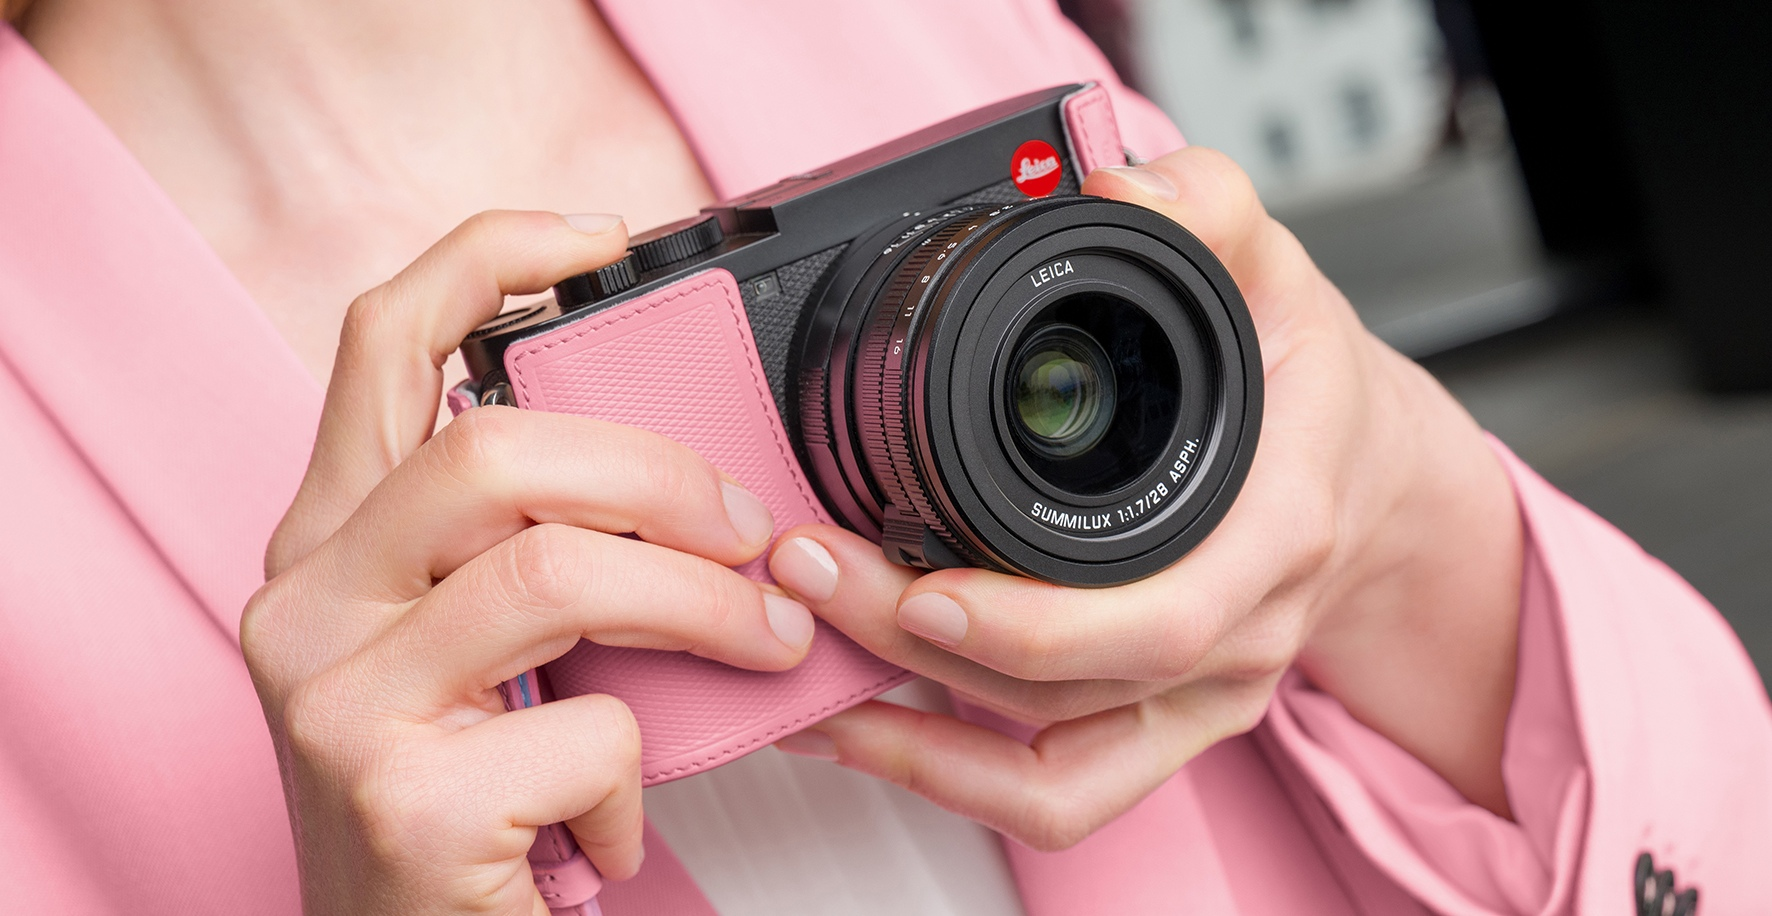 徠卡跨界推出限量攝影包,鎖定追求個人風格女性攝影師